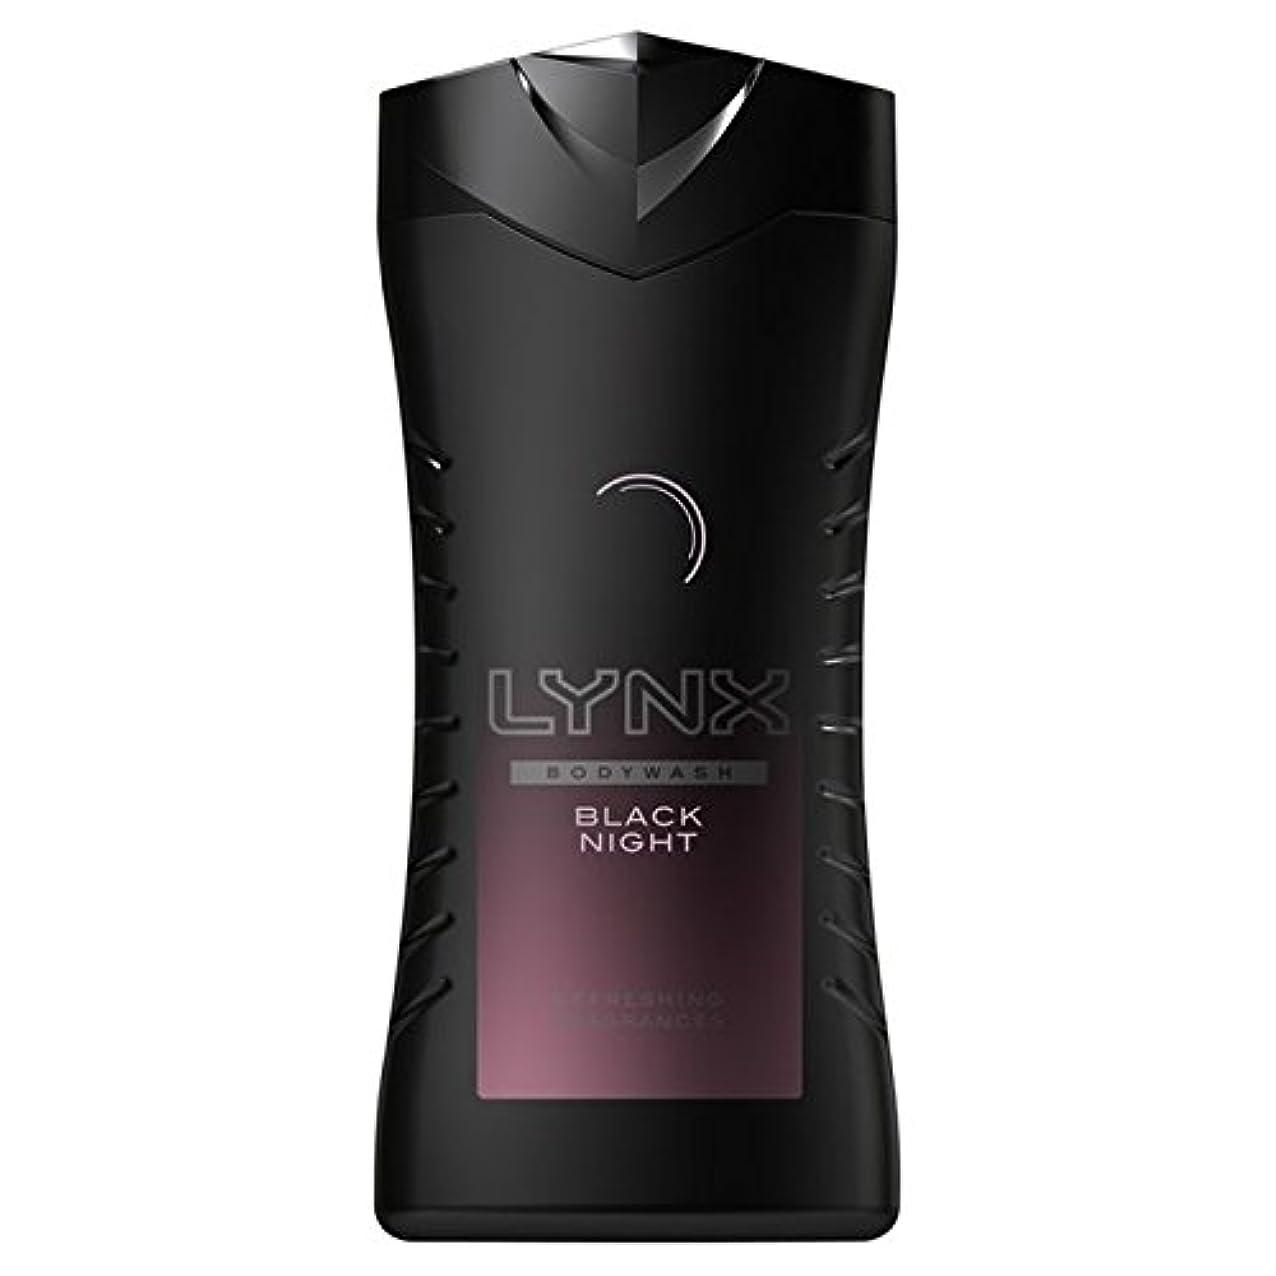 首尾一貫したバーガー再生Lynx Black Night Shower Gel 250ml - オオヤマネコ黒夜シャワージェル250ミリリットル [並行輸入品]